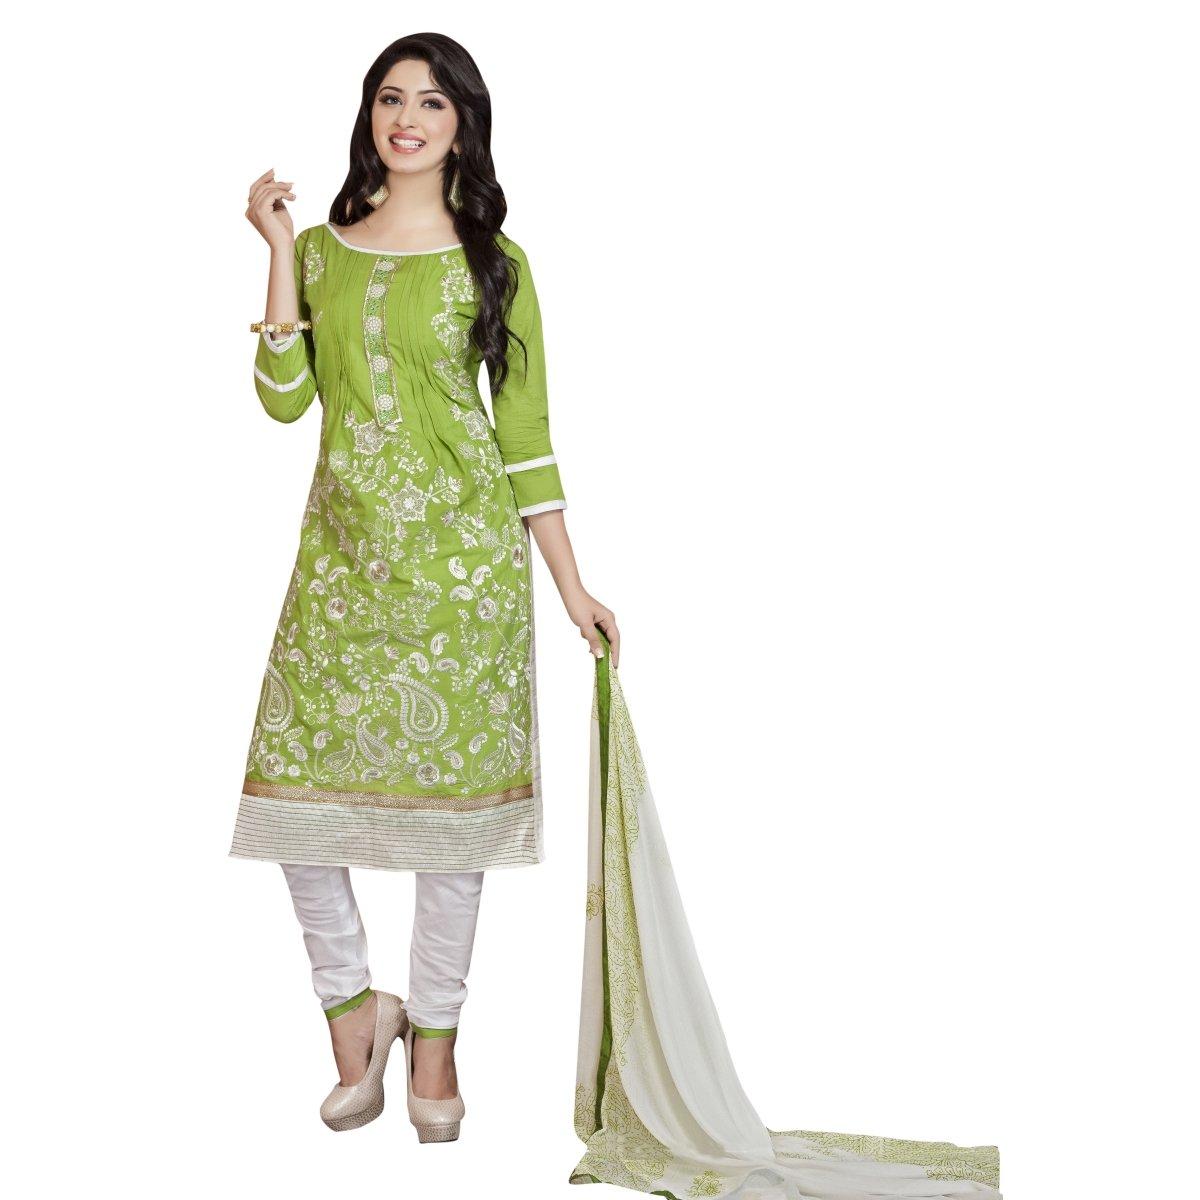 Shilp-Kala Remarkable Green Colored Embroidered Blended Cotton Salwar Kameez 712 SKTSMDESK712